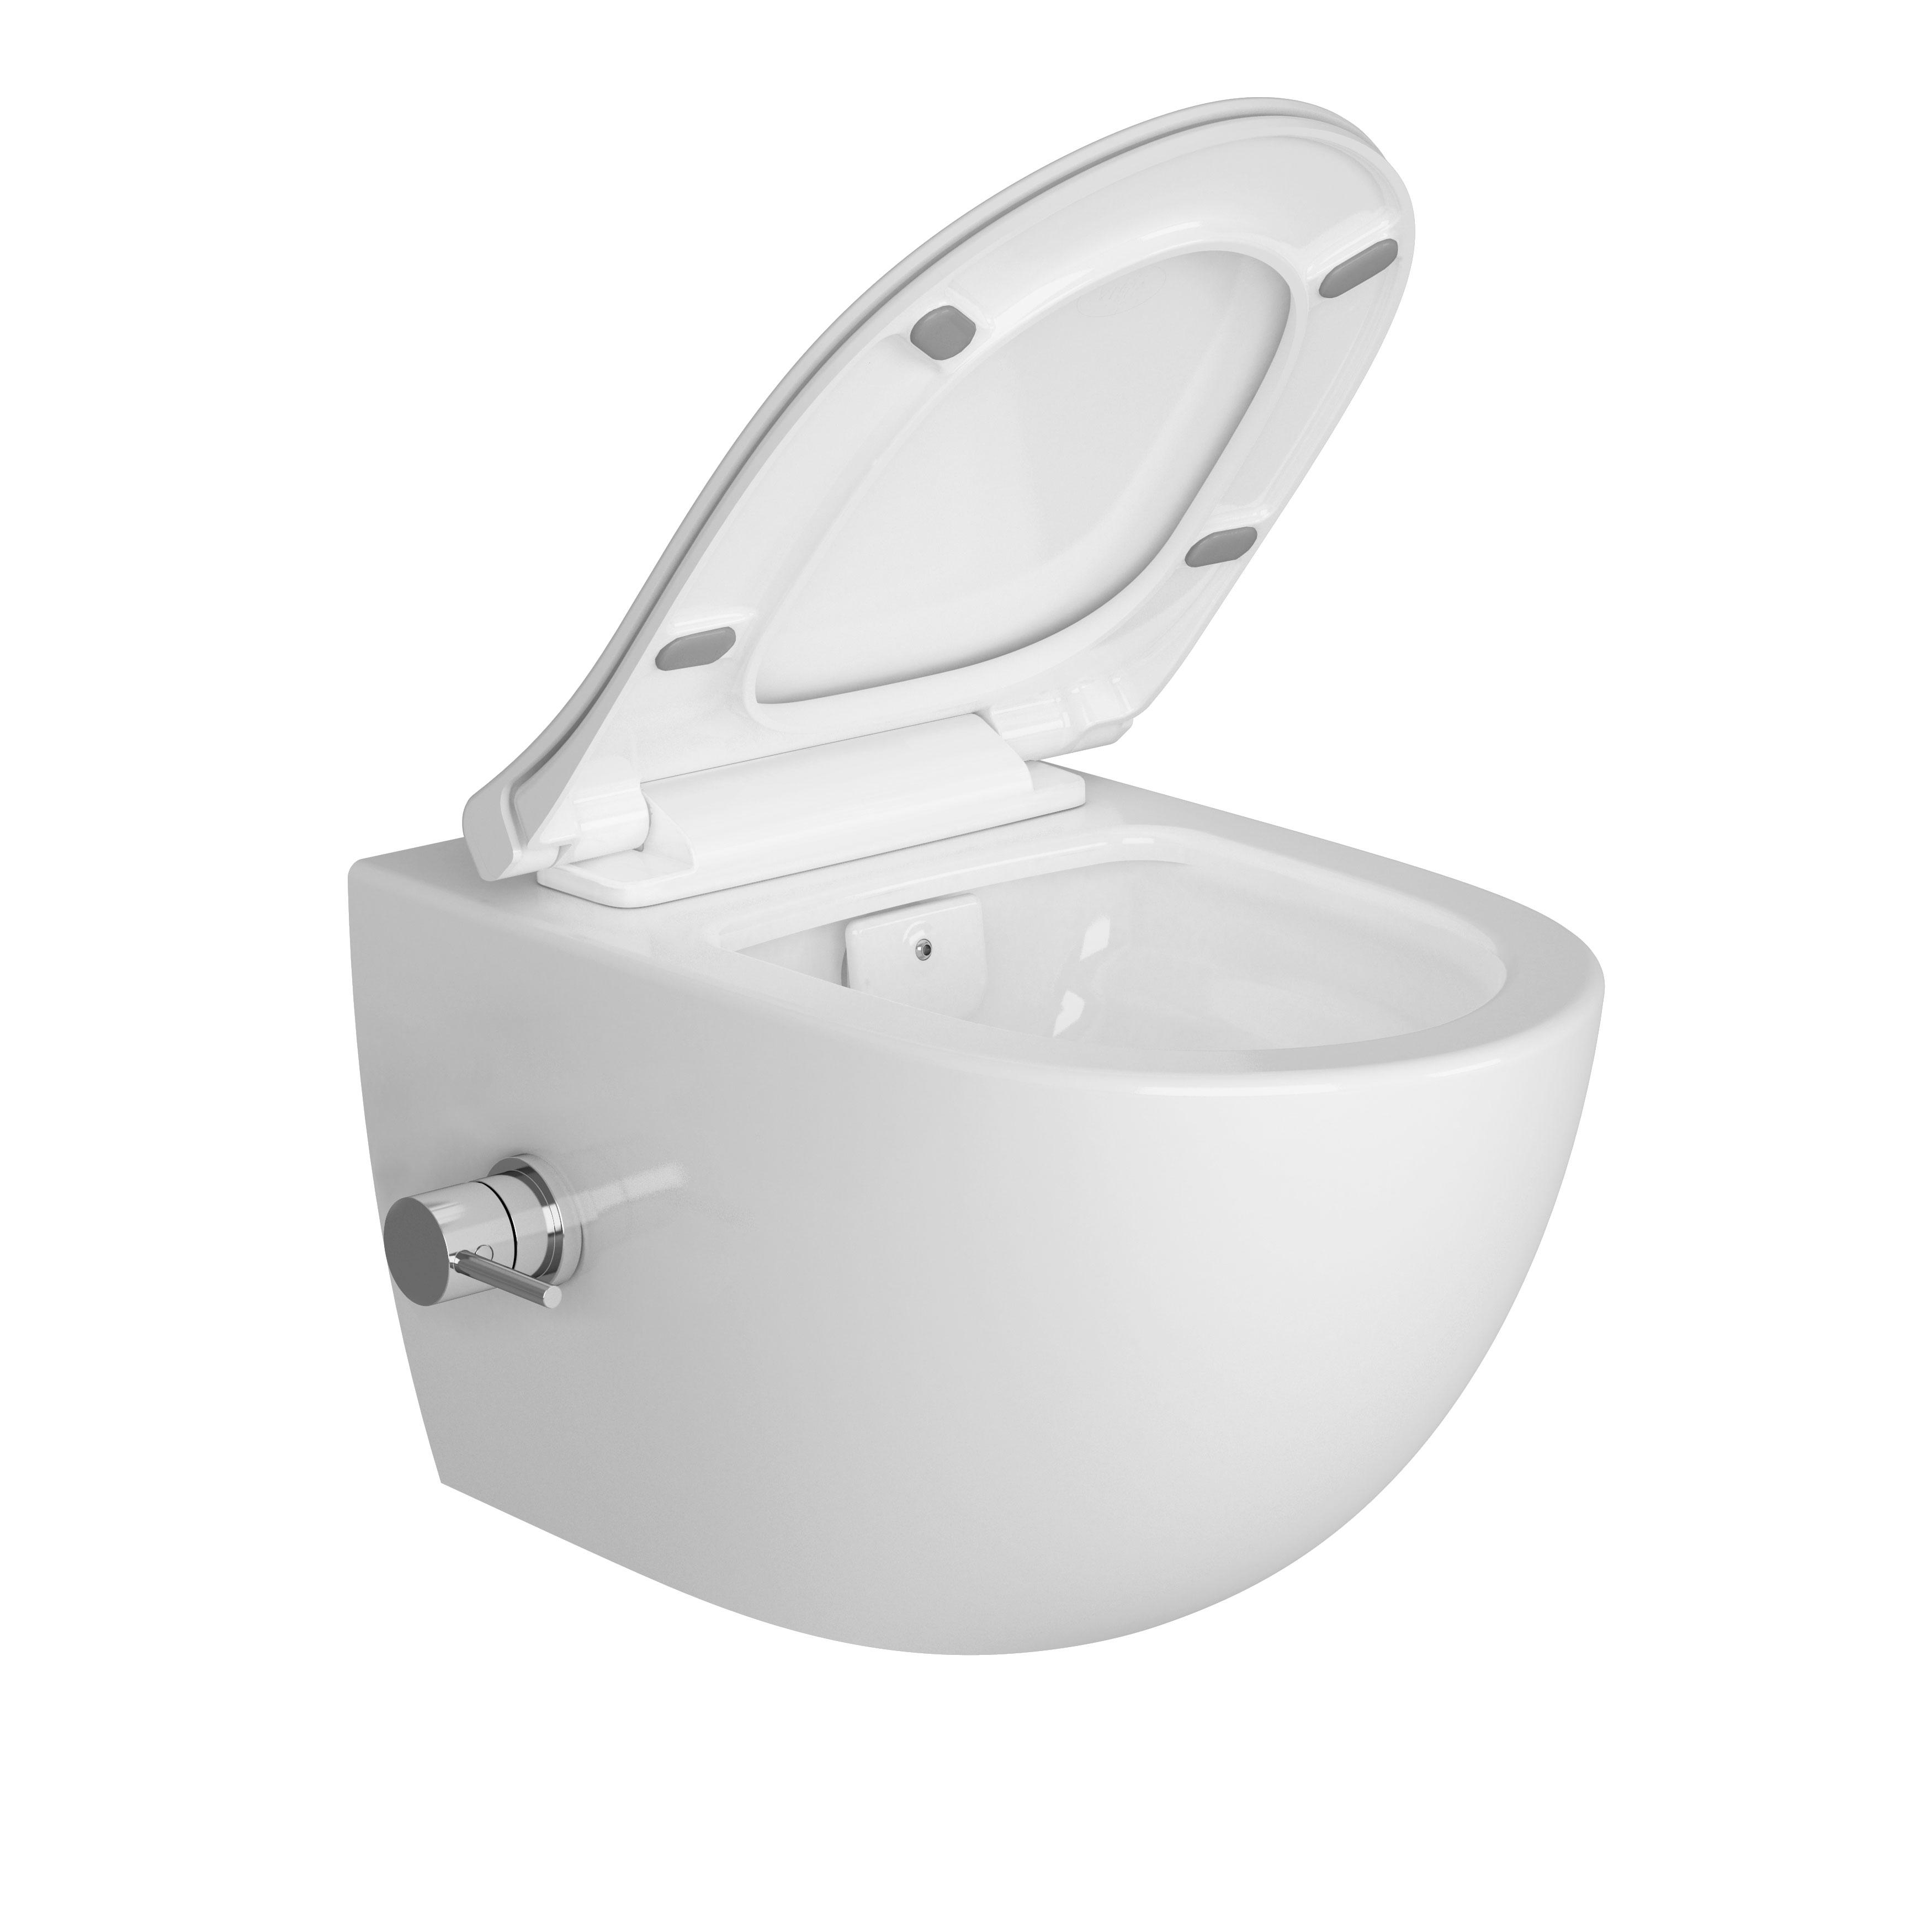 Sento Aquacare, avec robinet thermostatique intégré, blanc